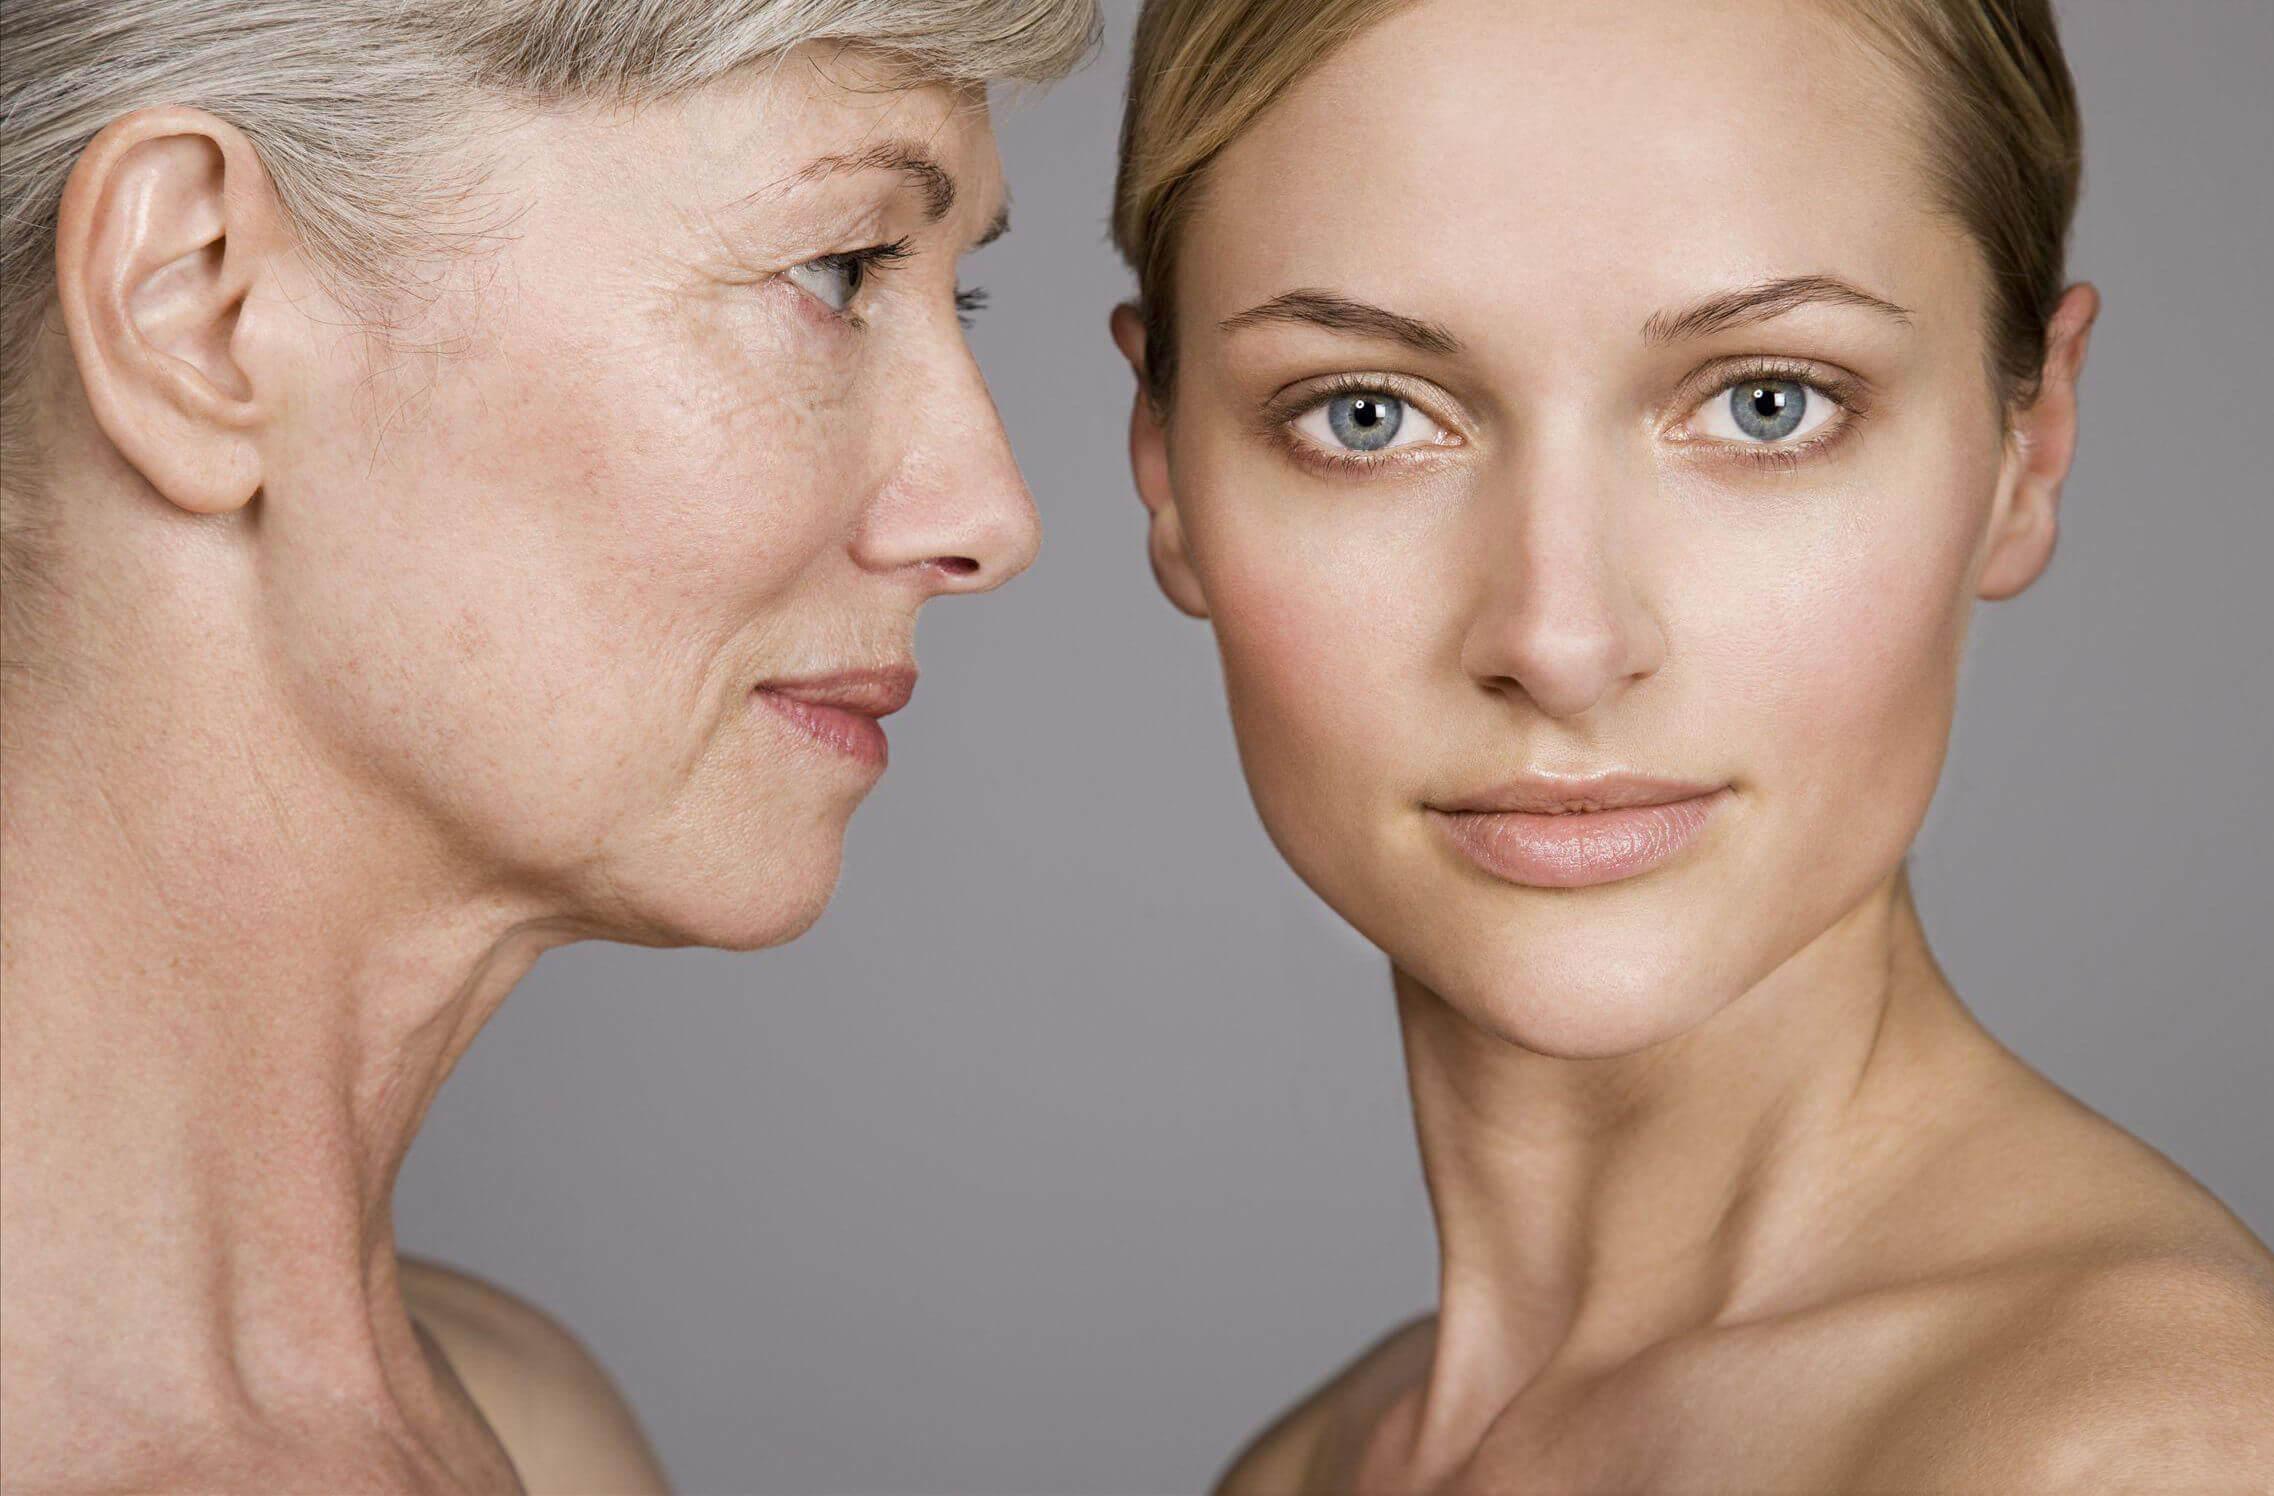 4 признака старения, которые нельзя игнорировать